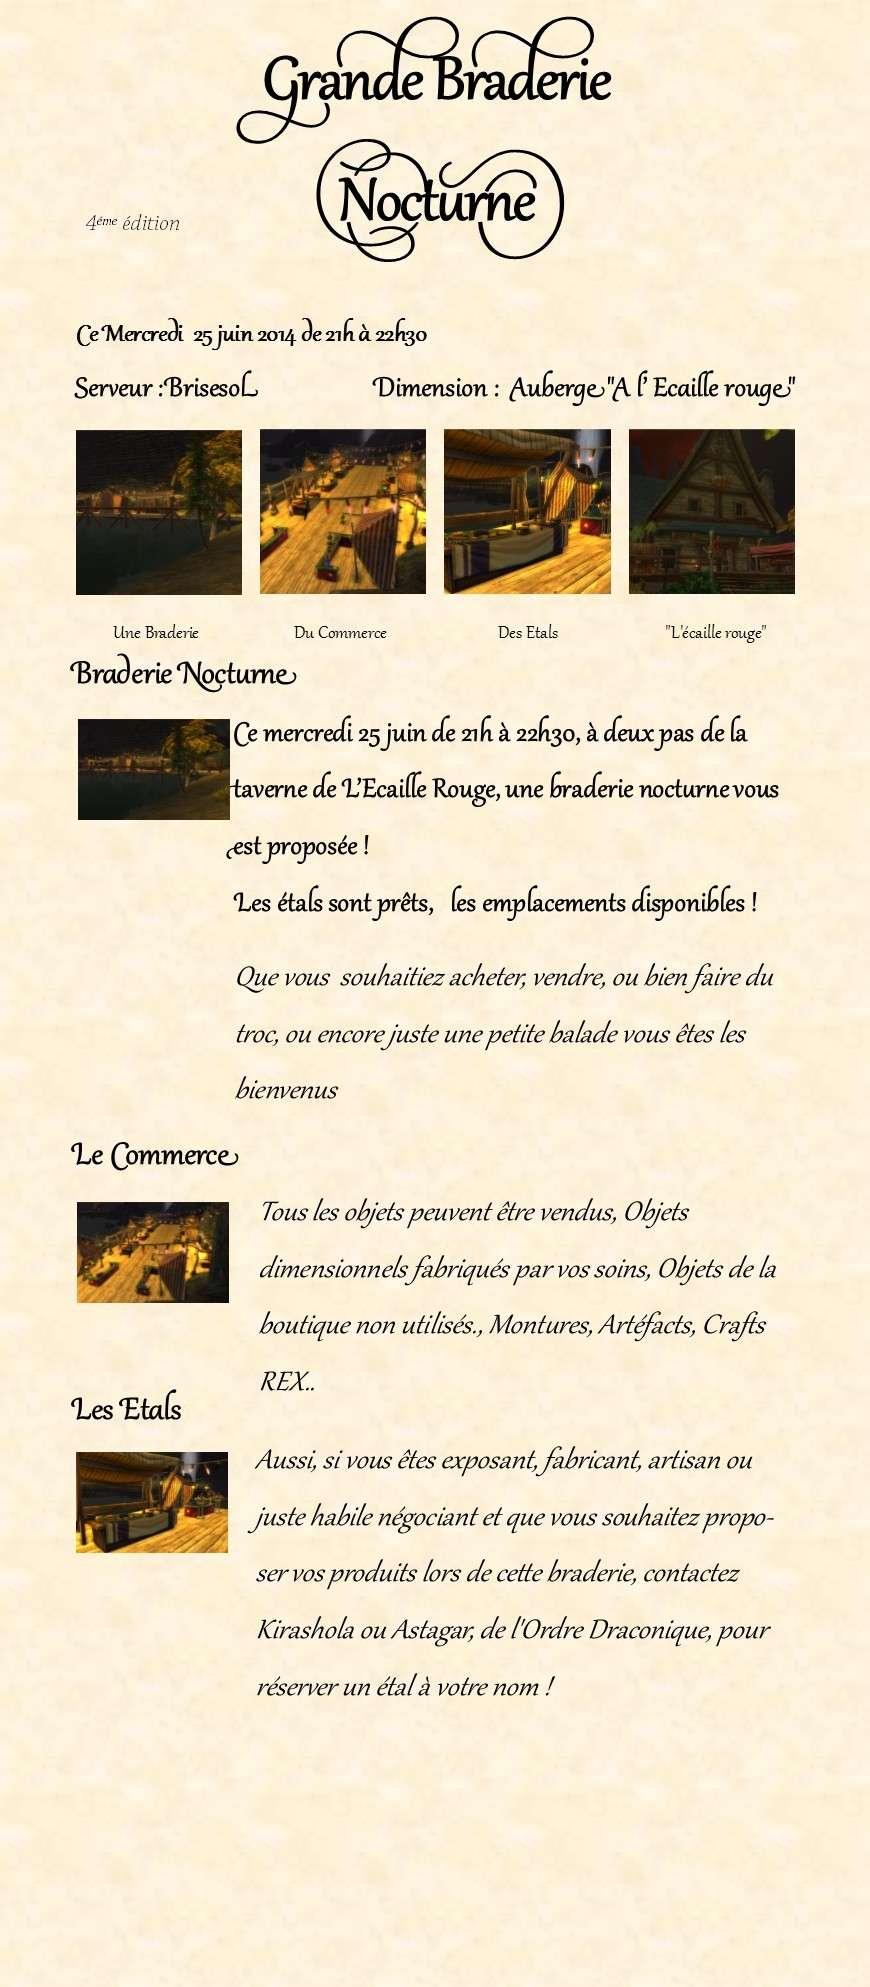 [Event Serveur] : Grande Braderie Nocturne Brader10